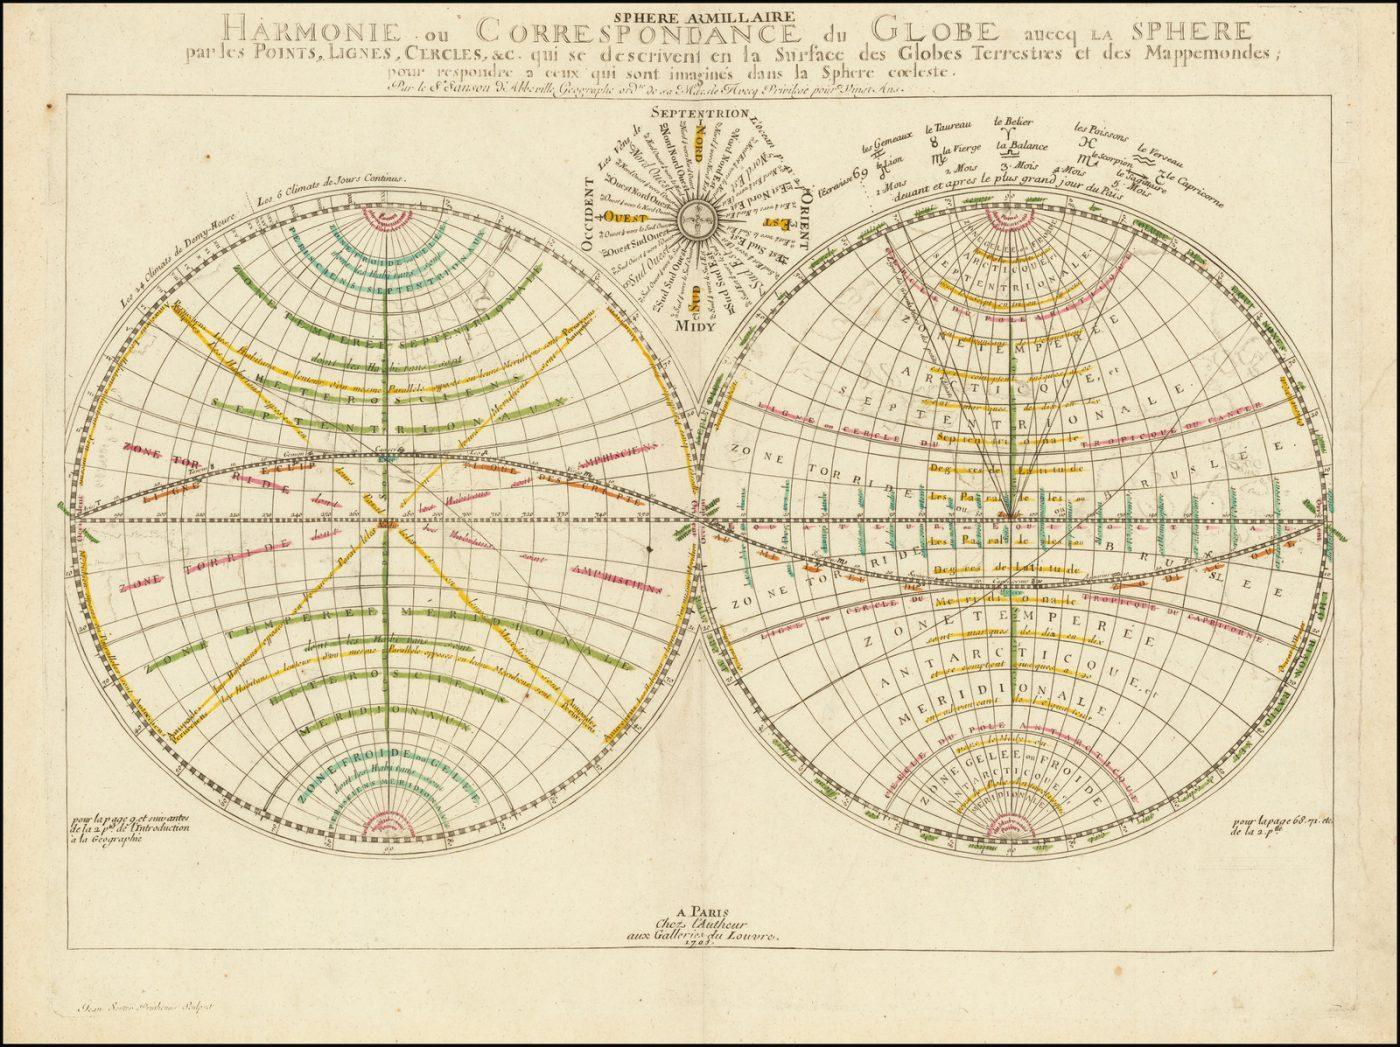 Редкий пример двумерного представления армиллярной сферы Сансона